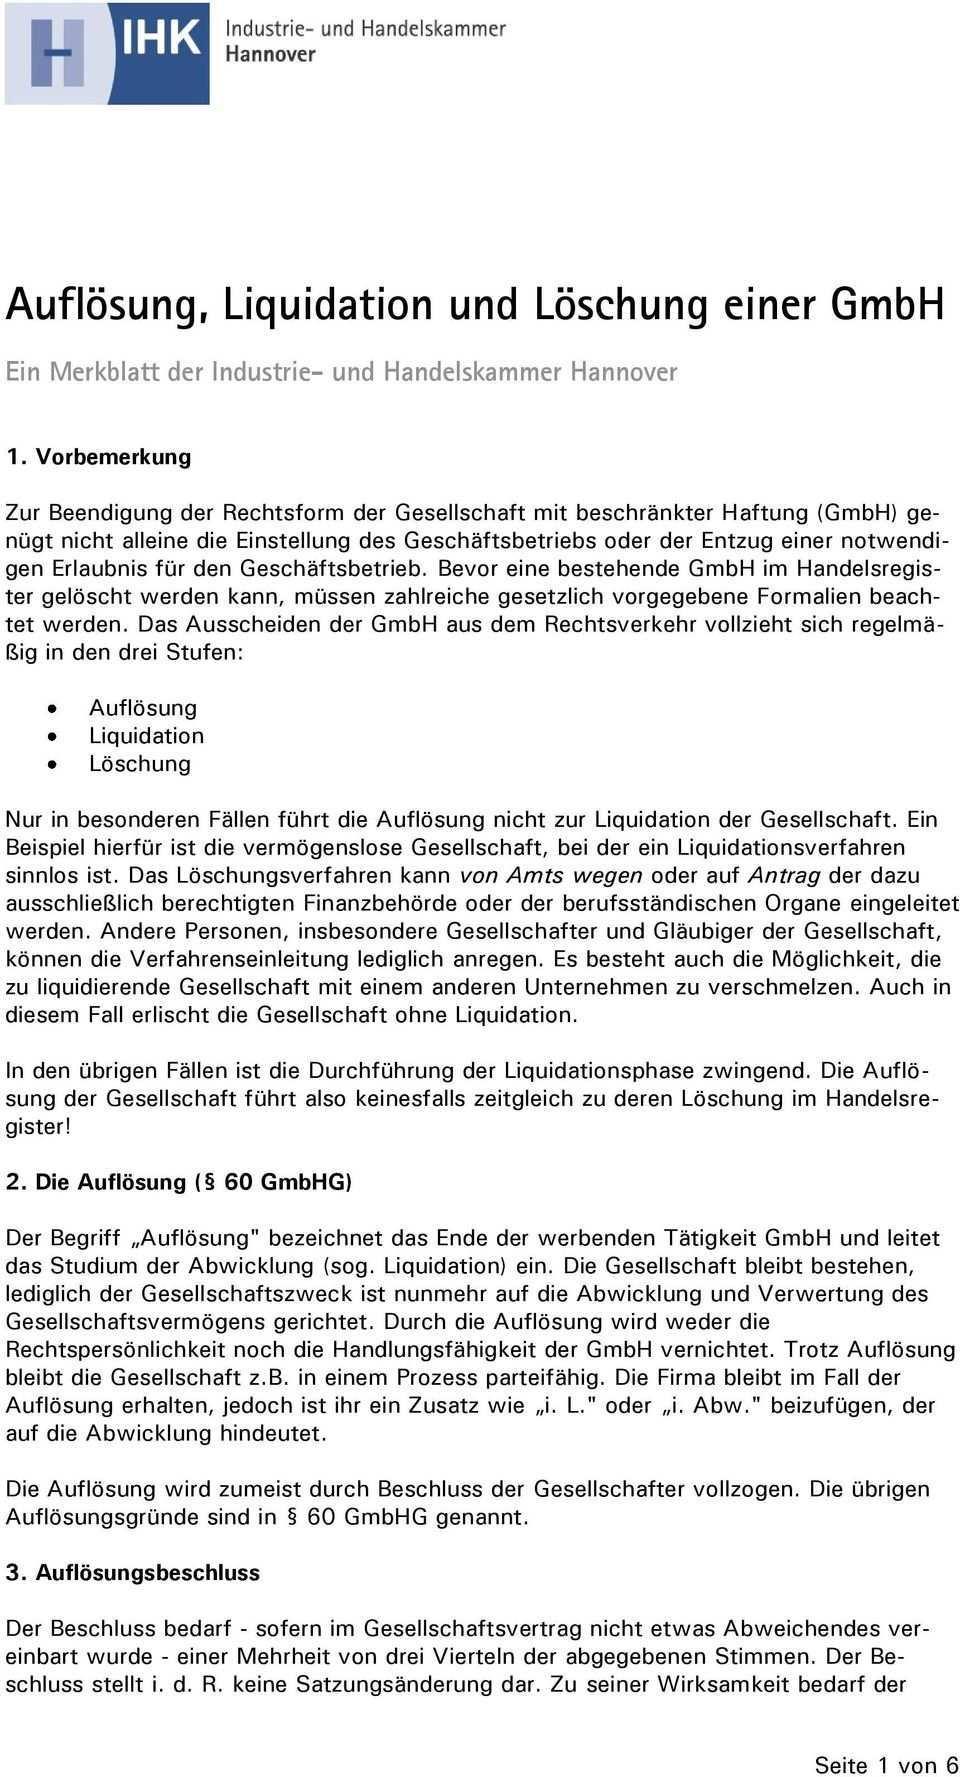 Auflosung Liquidation Und Loschung Einer Gmbh Pdf Kostenfreier Download